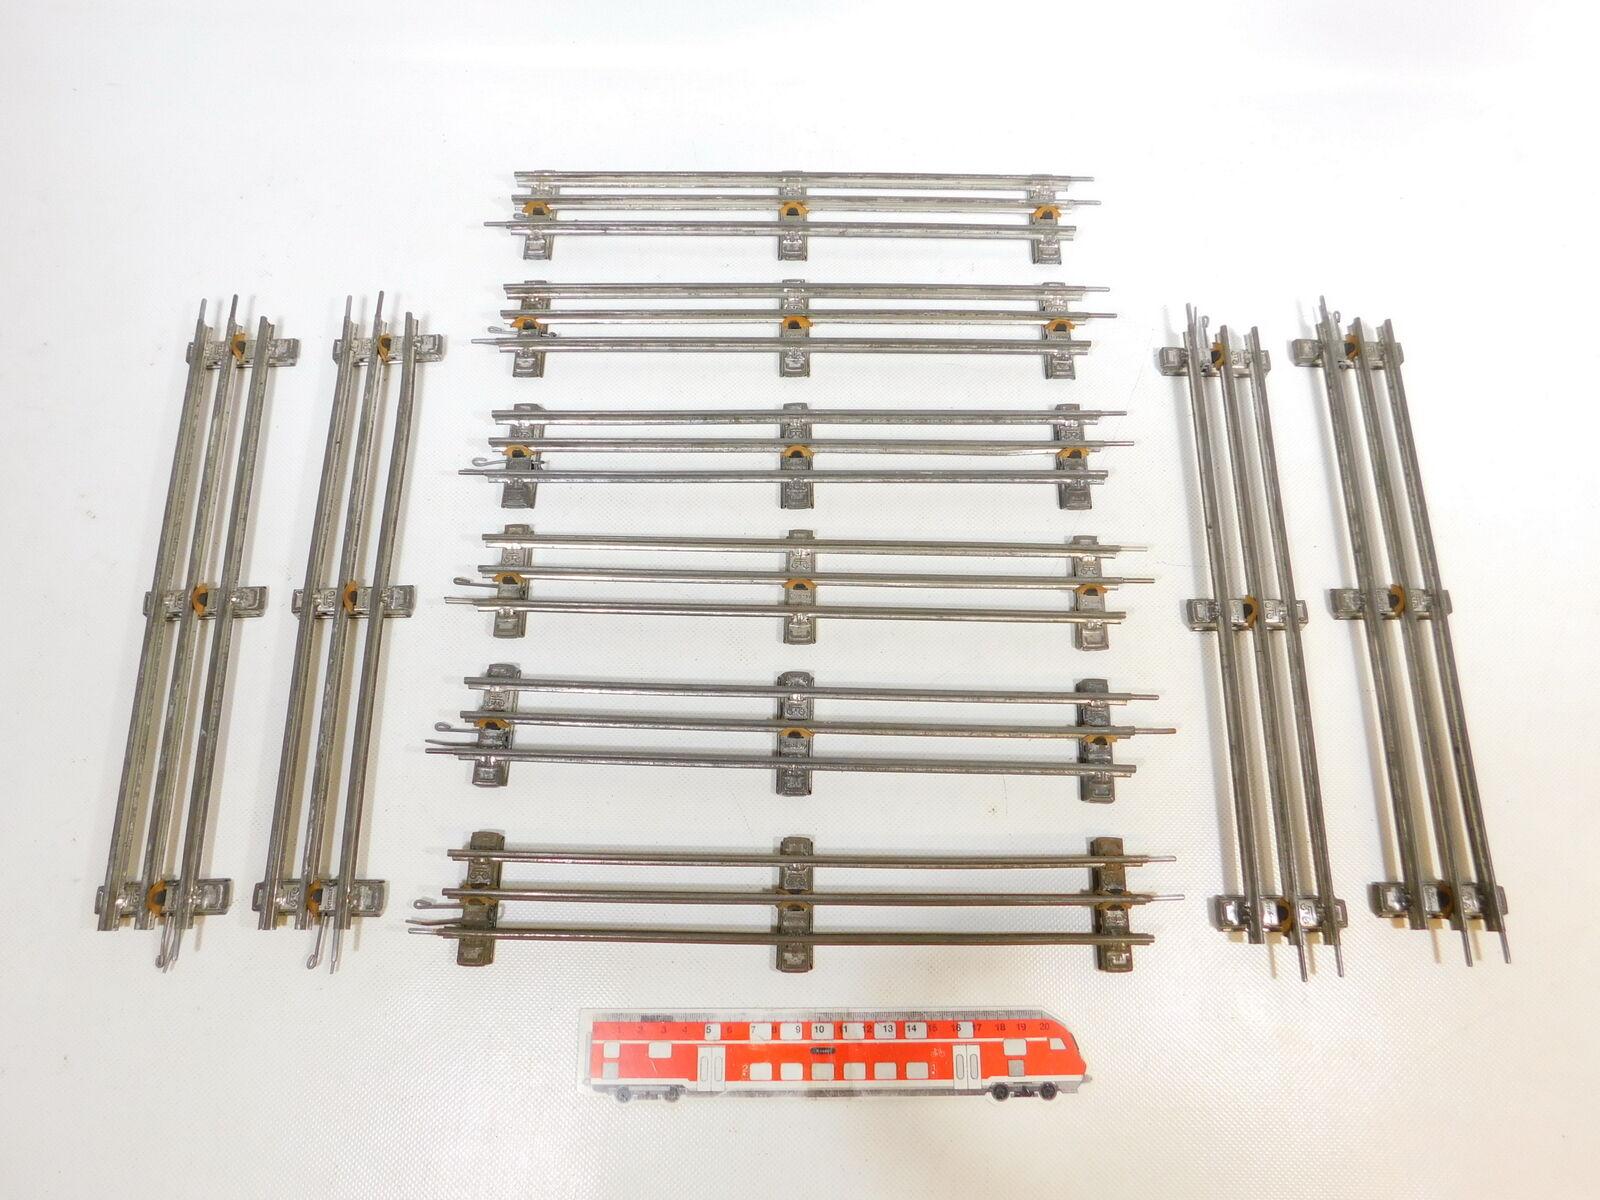 CD5582 10x marklin Scala 0 Binario Dritto 32 cm per Elettrica Operazione